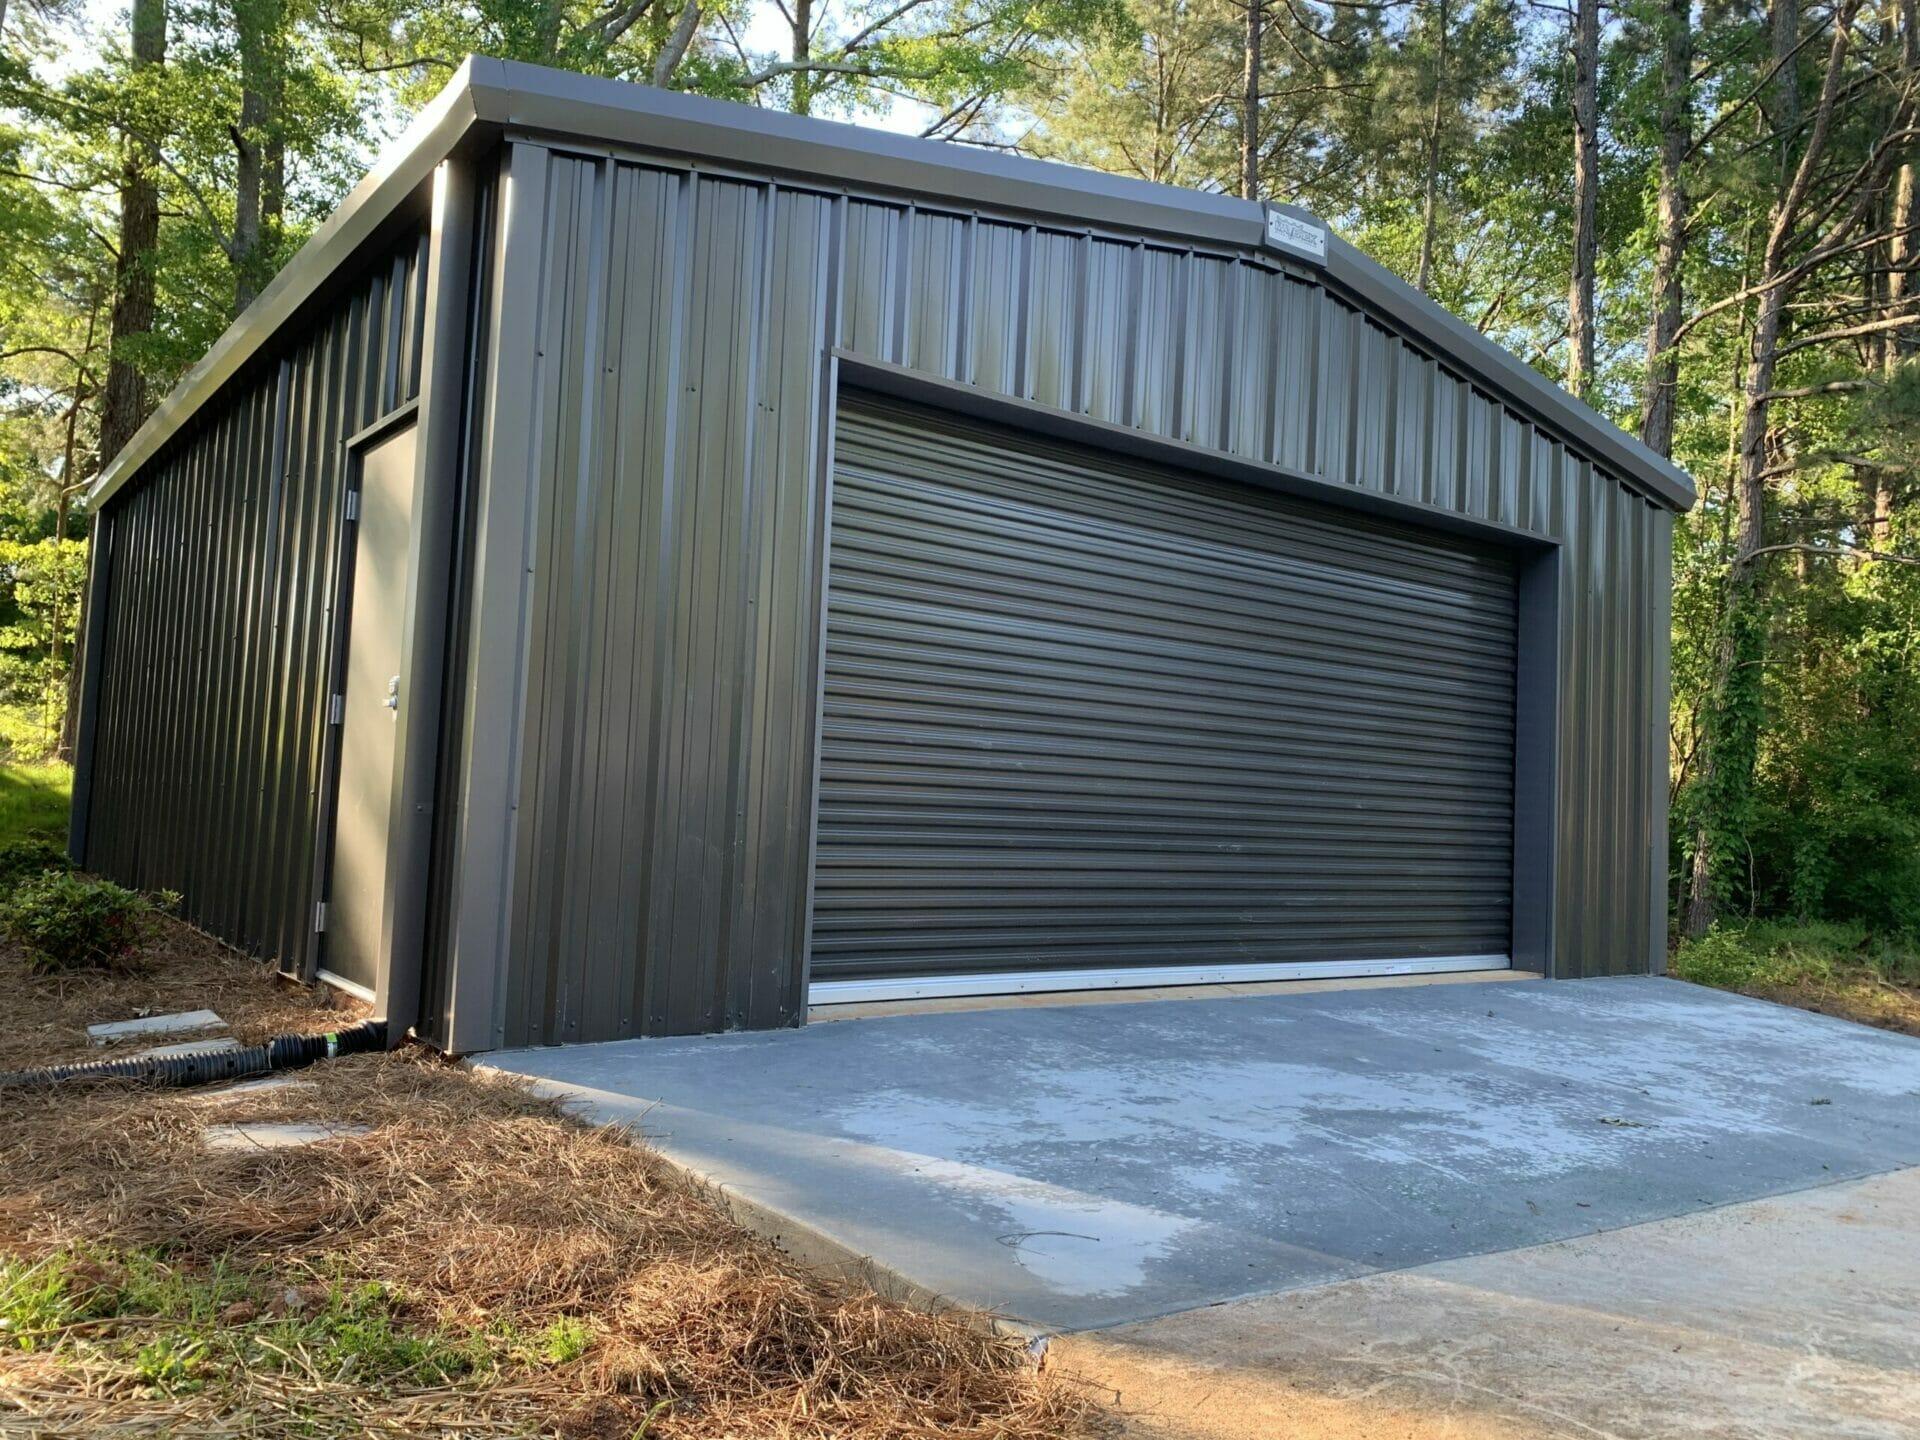 Pre-Engineered Metal Garage Building With Roll Up Garage Door And Side Entry Door